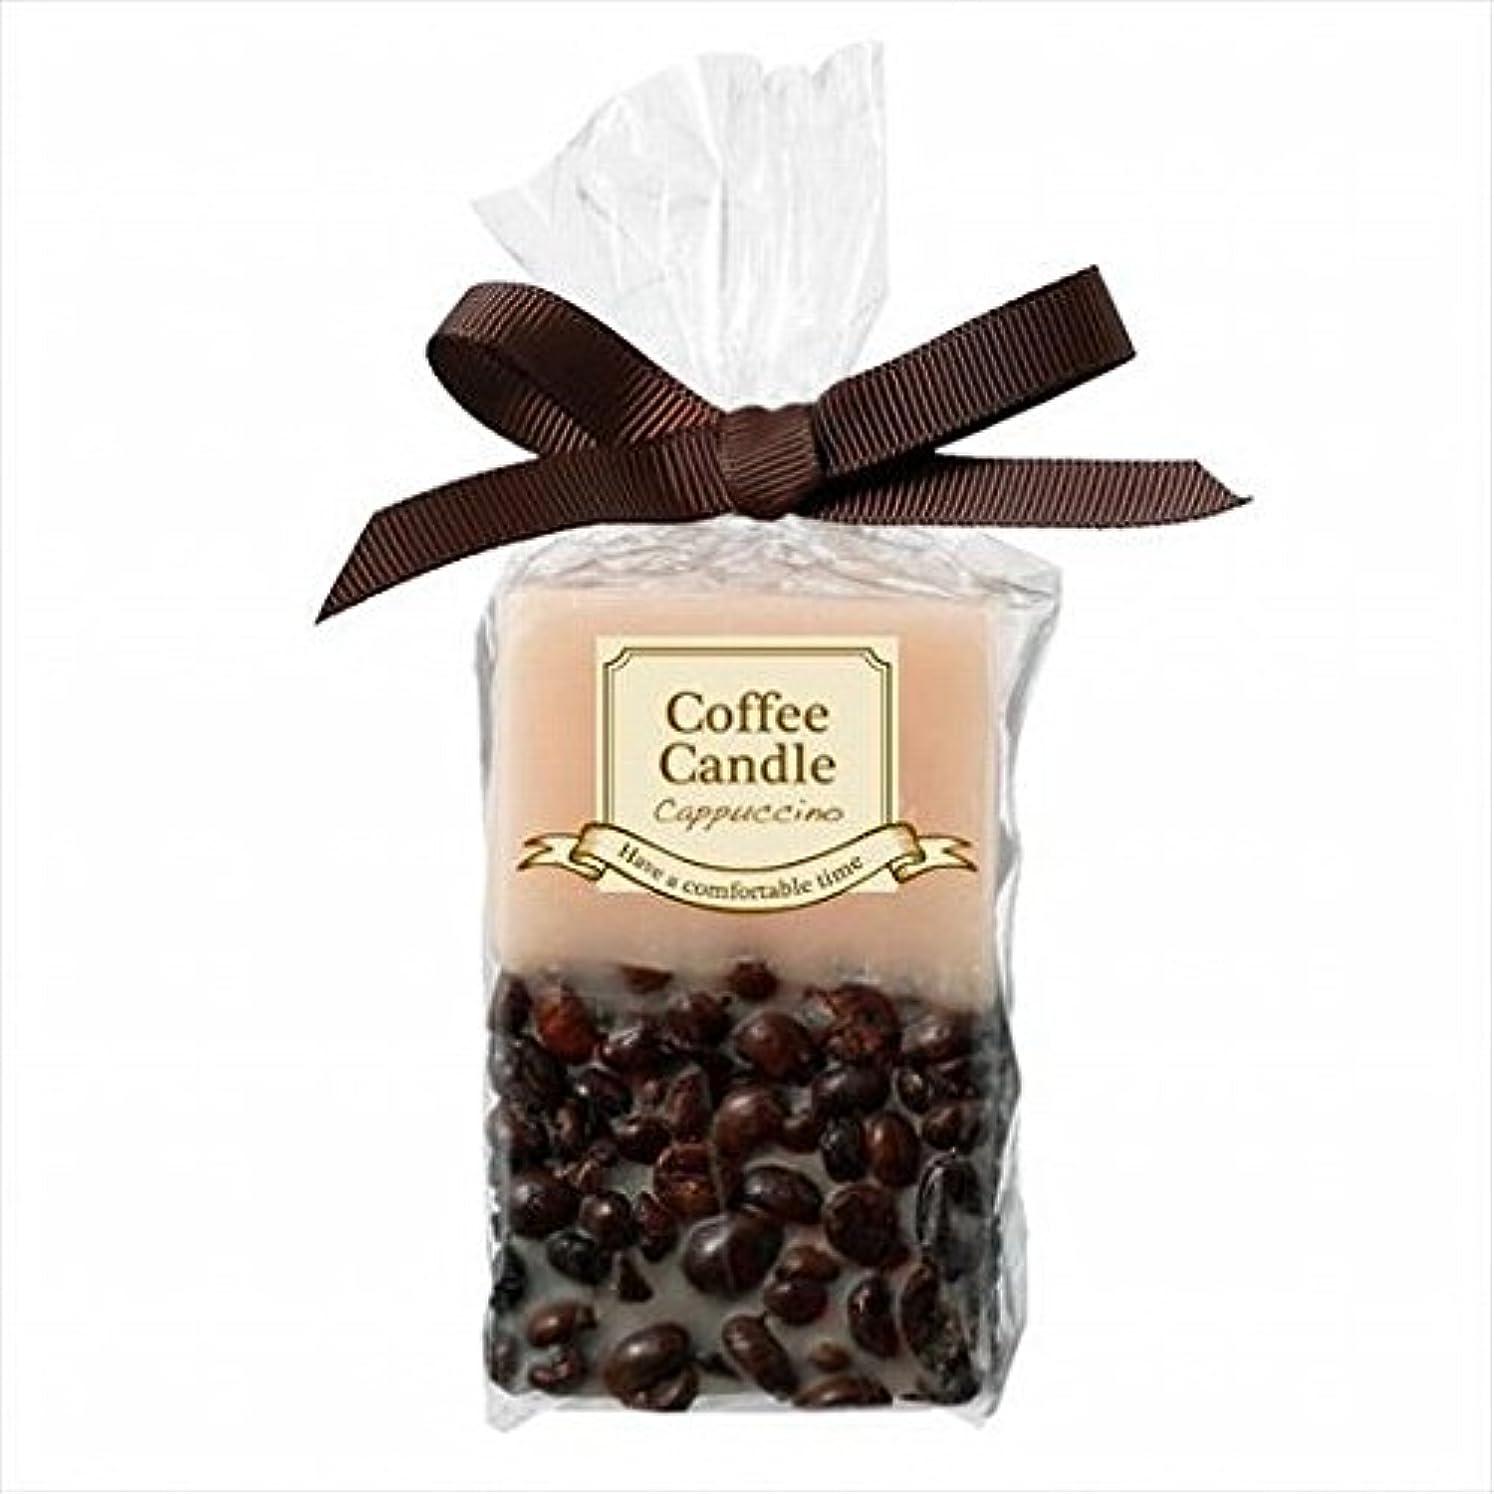 タイル名前倉庫sweets candle(スイーツキャンドル) カフェキャンドル 「 カプチーノ 」 キャンドル 48x48x78mm (A2060520)